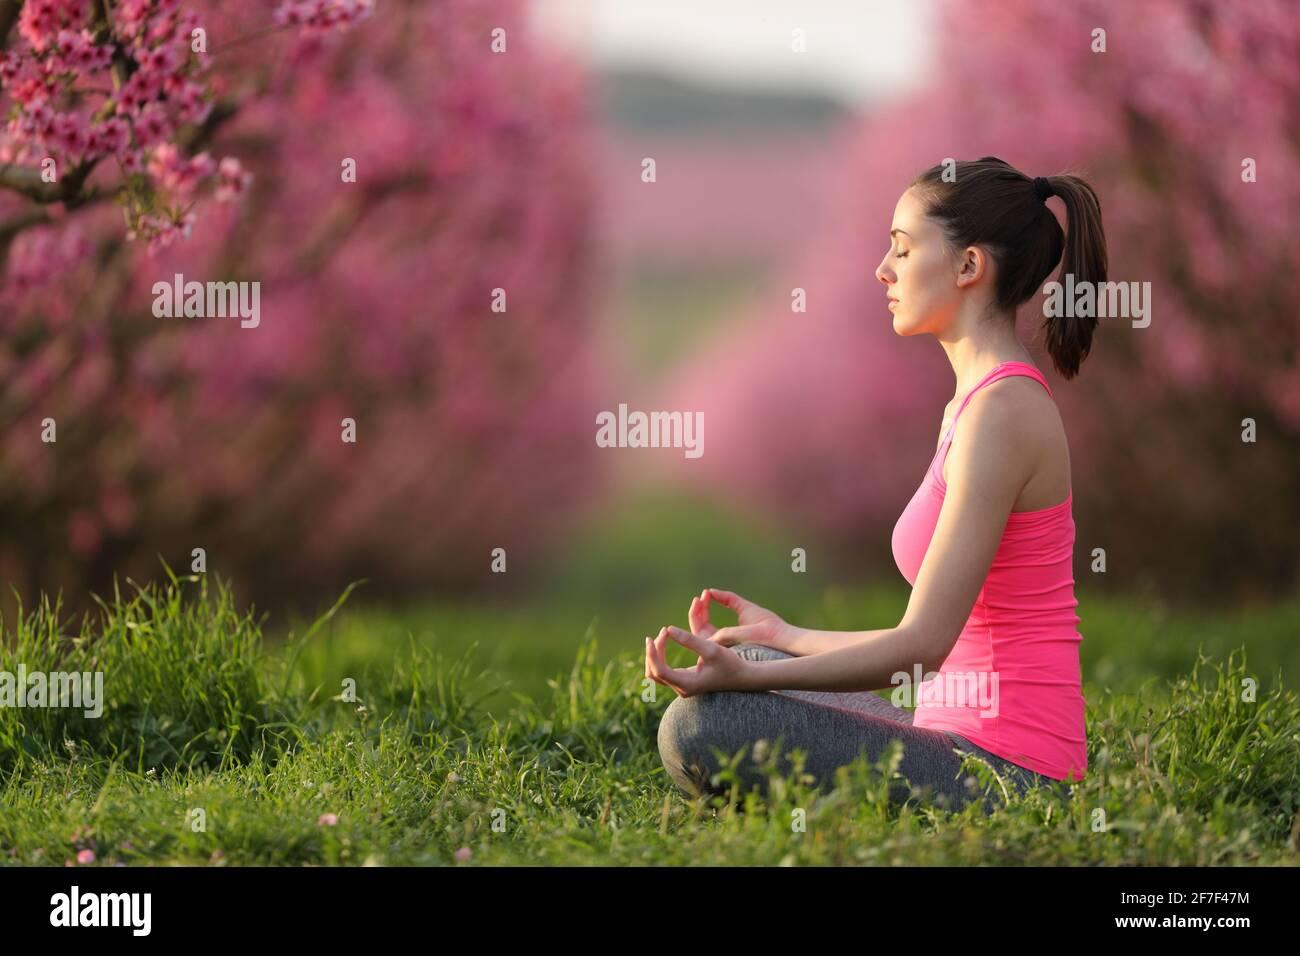 Profil d'un yogi concentré en rose faisant de l'exercice de yoga dans un champ au coucher du soleil Banque D'Images